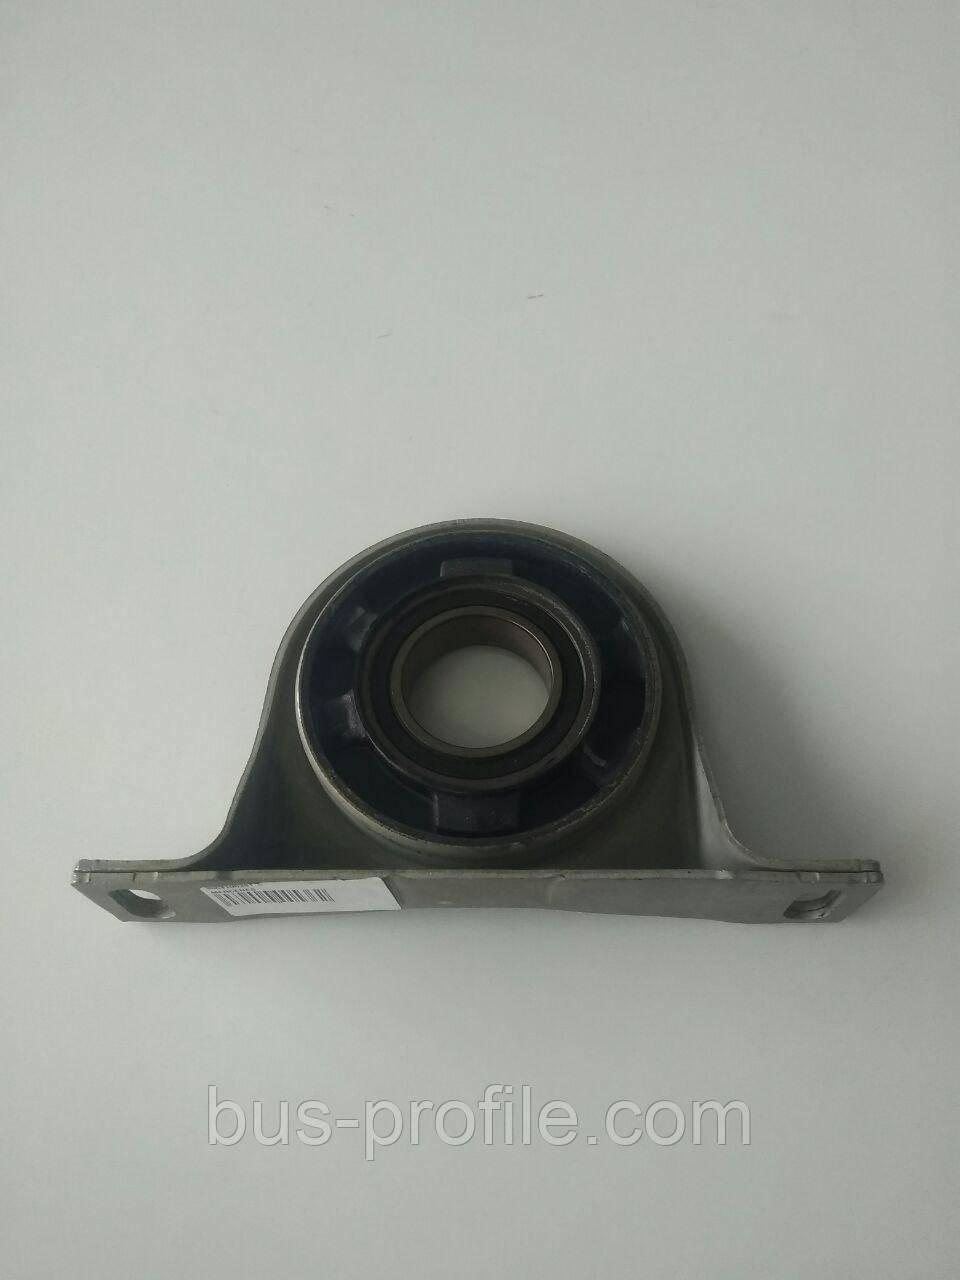 Подшипник подвесной (передний) на  MB Sprinter/VW Crafter 06- (d=47mm) — MERCEDES — 9064100381